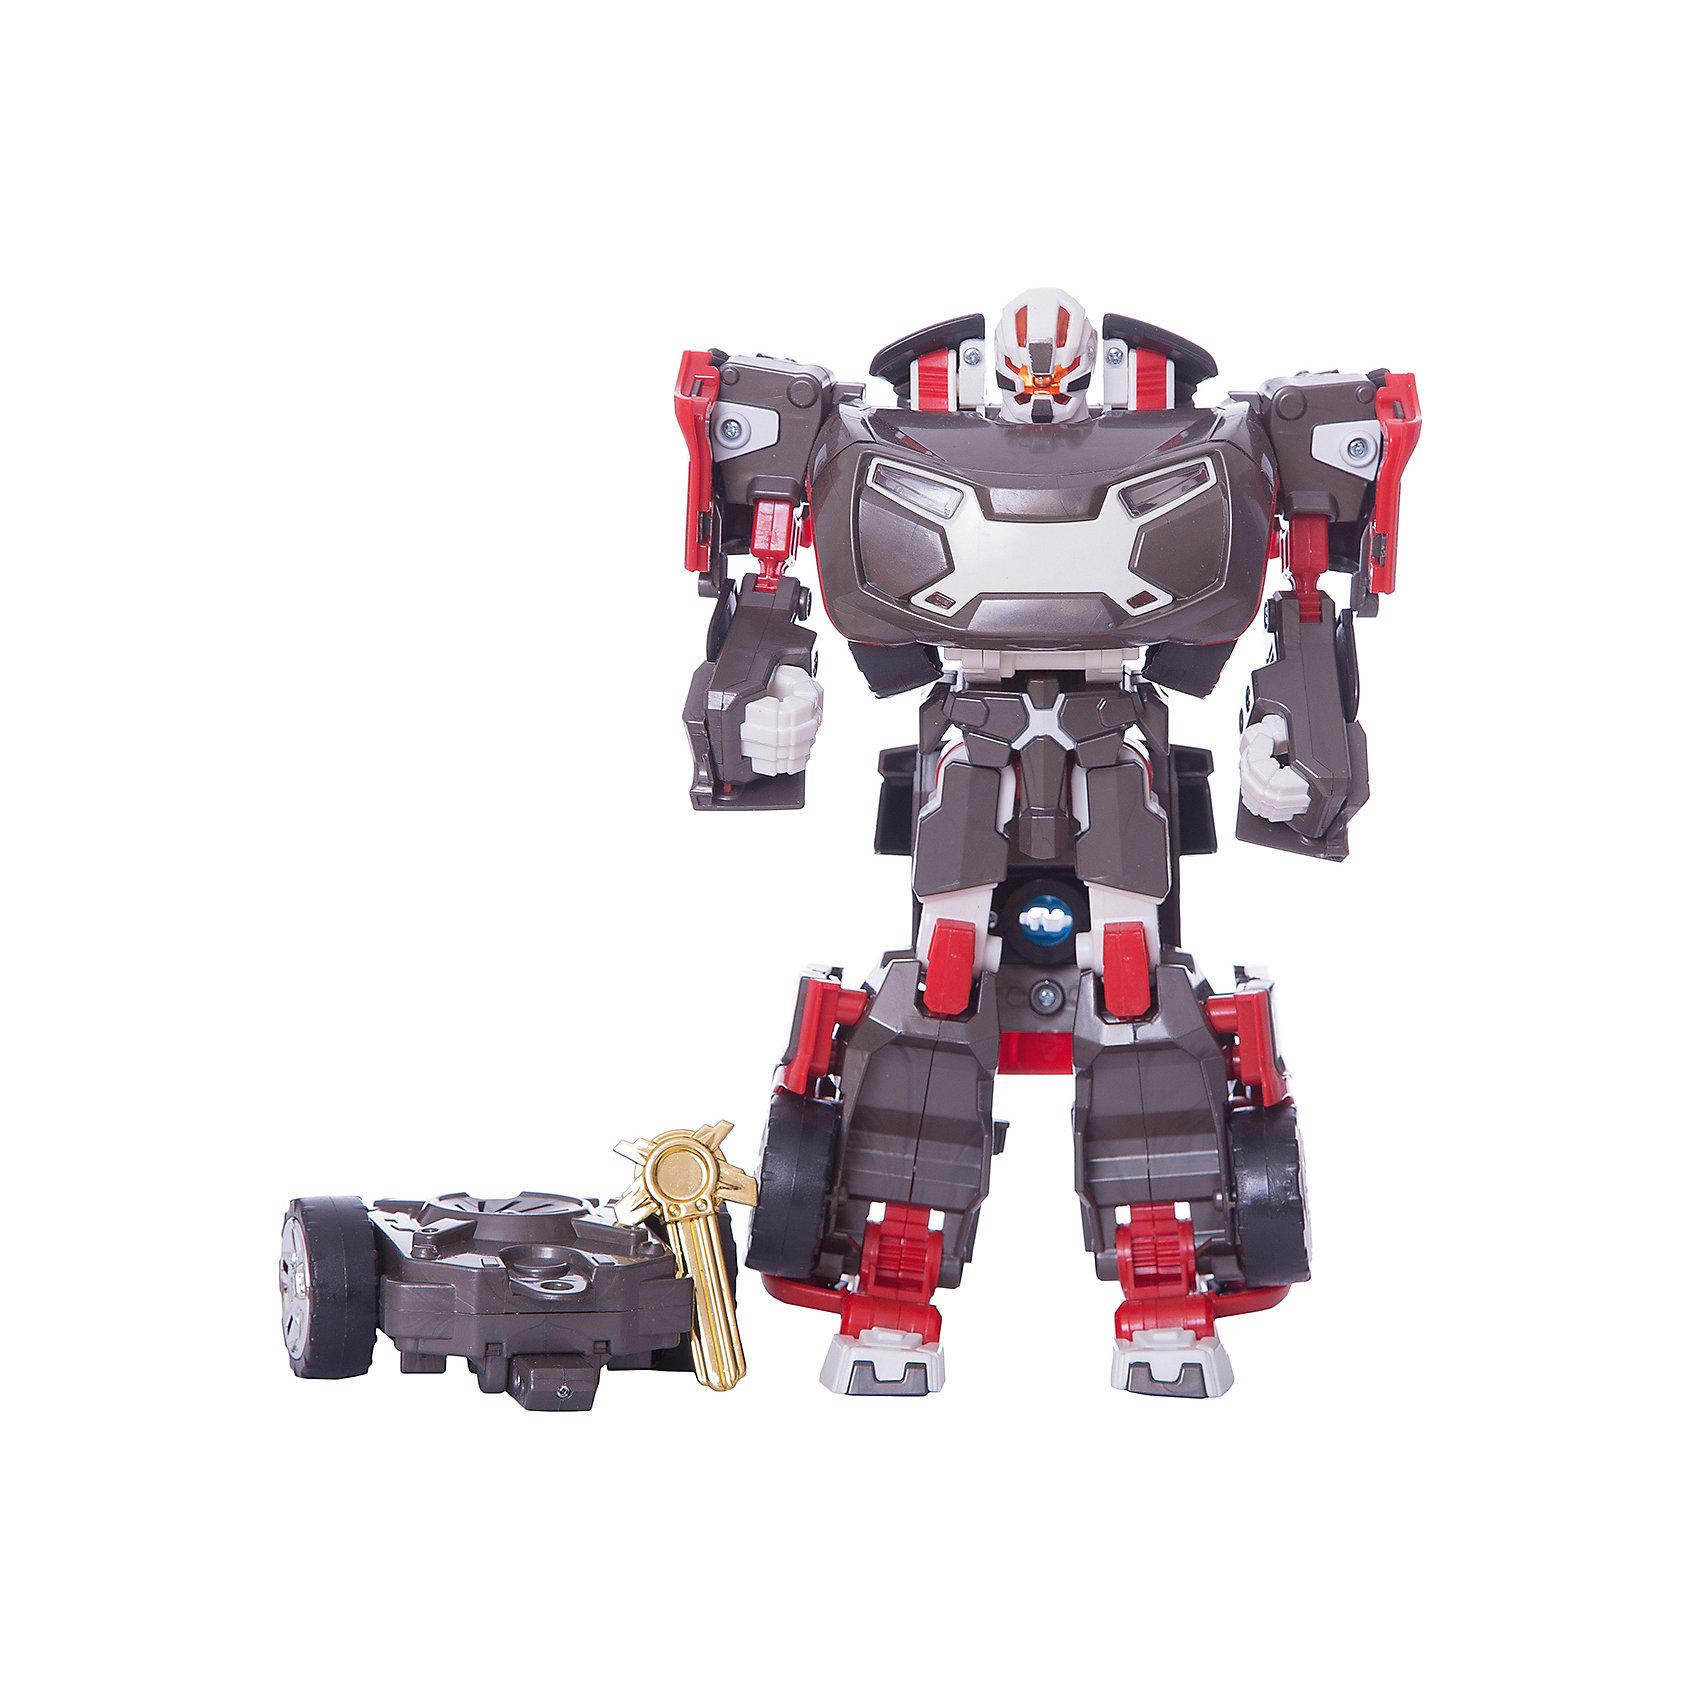 Трансформер Тобот эволюция X, со звуком и светомС помощью специального ключа, робот быстро превращается в красивую машинку с рельефными колесами и наоборот. Такая игрушка поспособствует развитию фантазии, мышлению и мелкой моторике рук.<br><br>Дополнительная информация:<br><br>- Возраст: от 3 лет.<br>- В наборе: робот, наклейки, ключ.<br>- Материал: пластик.<br>- Размер упаковки: 31х31х10 см.<br>- Вес в упаковке: 300 г.<br><br>Купить трансформер Тобот эволюция X, со звуком и светом, можно в нашем магазине.<br><br>Ширина мм: 310<br>Глубина мм: 310<br>Высота мм: 100<br>Вес г: 300<br>Возраст от месяцев: 36<br>Возраст до месяцев: 2147483647<br>Пол: Мужской<br>Возраст: Детский<br>SKU: 5028892